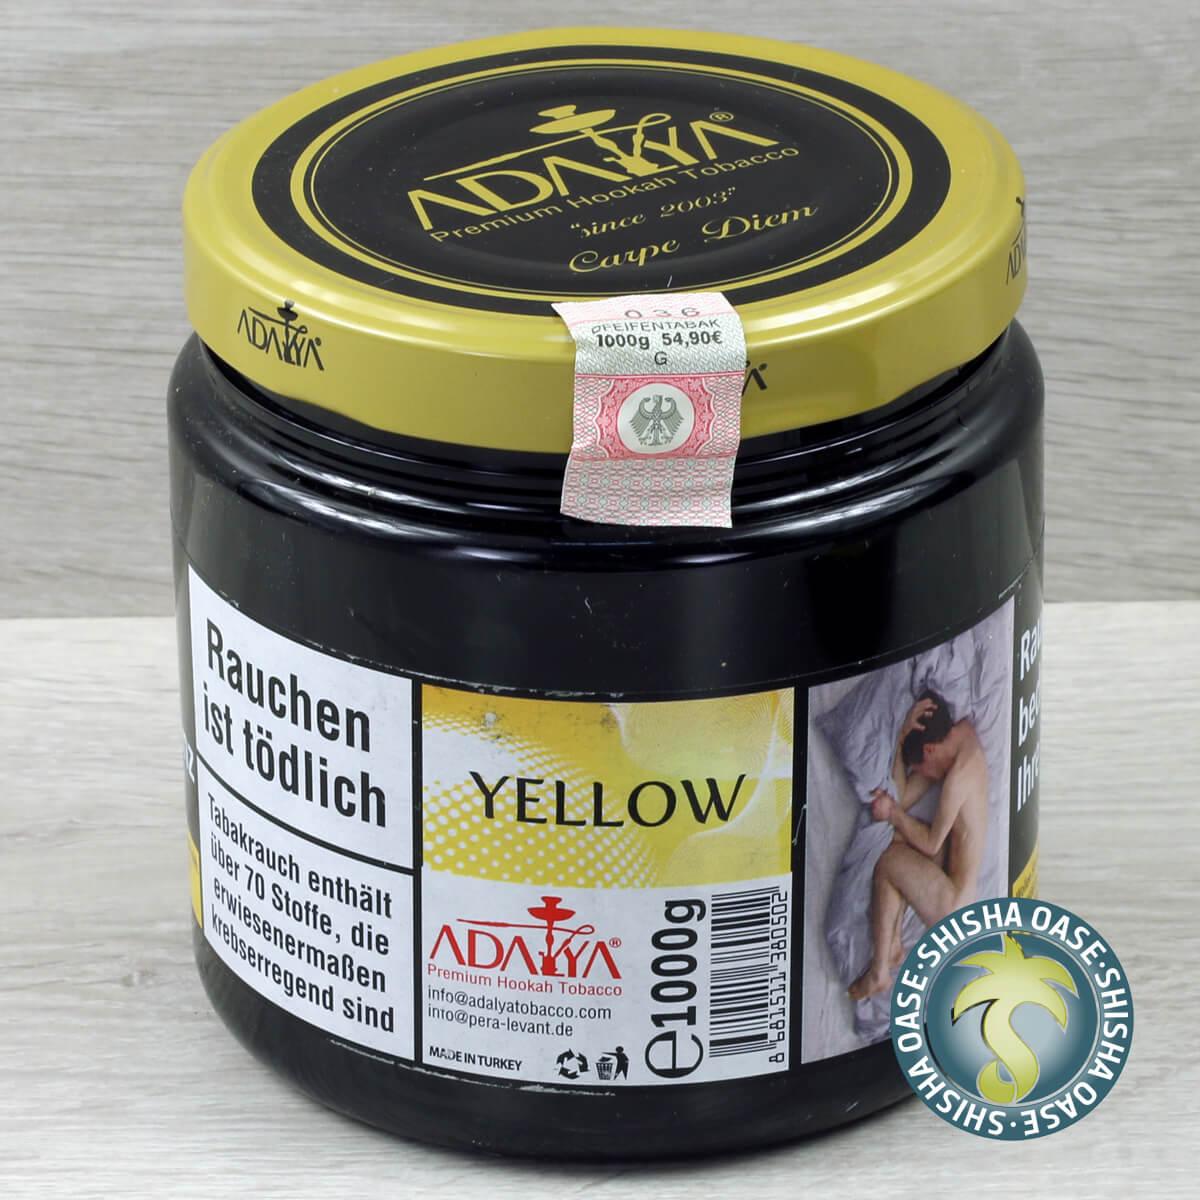 Adalya Tabak Yellow 1kg Dose